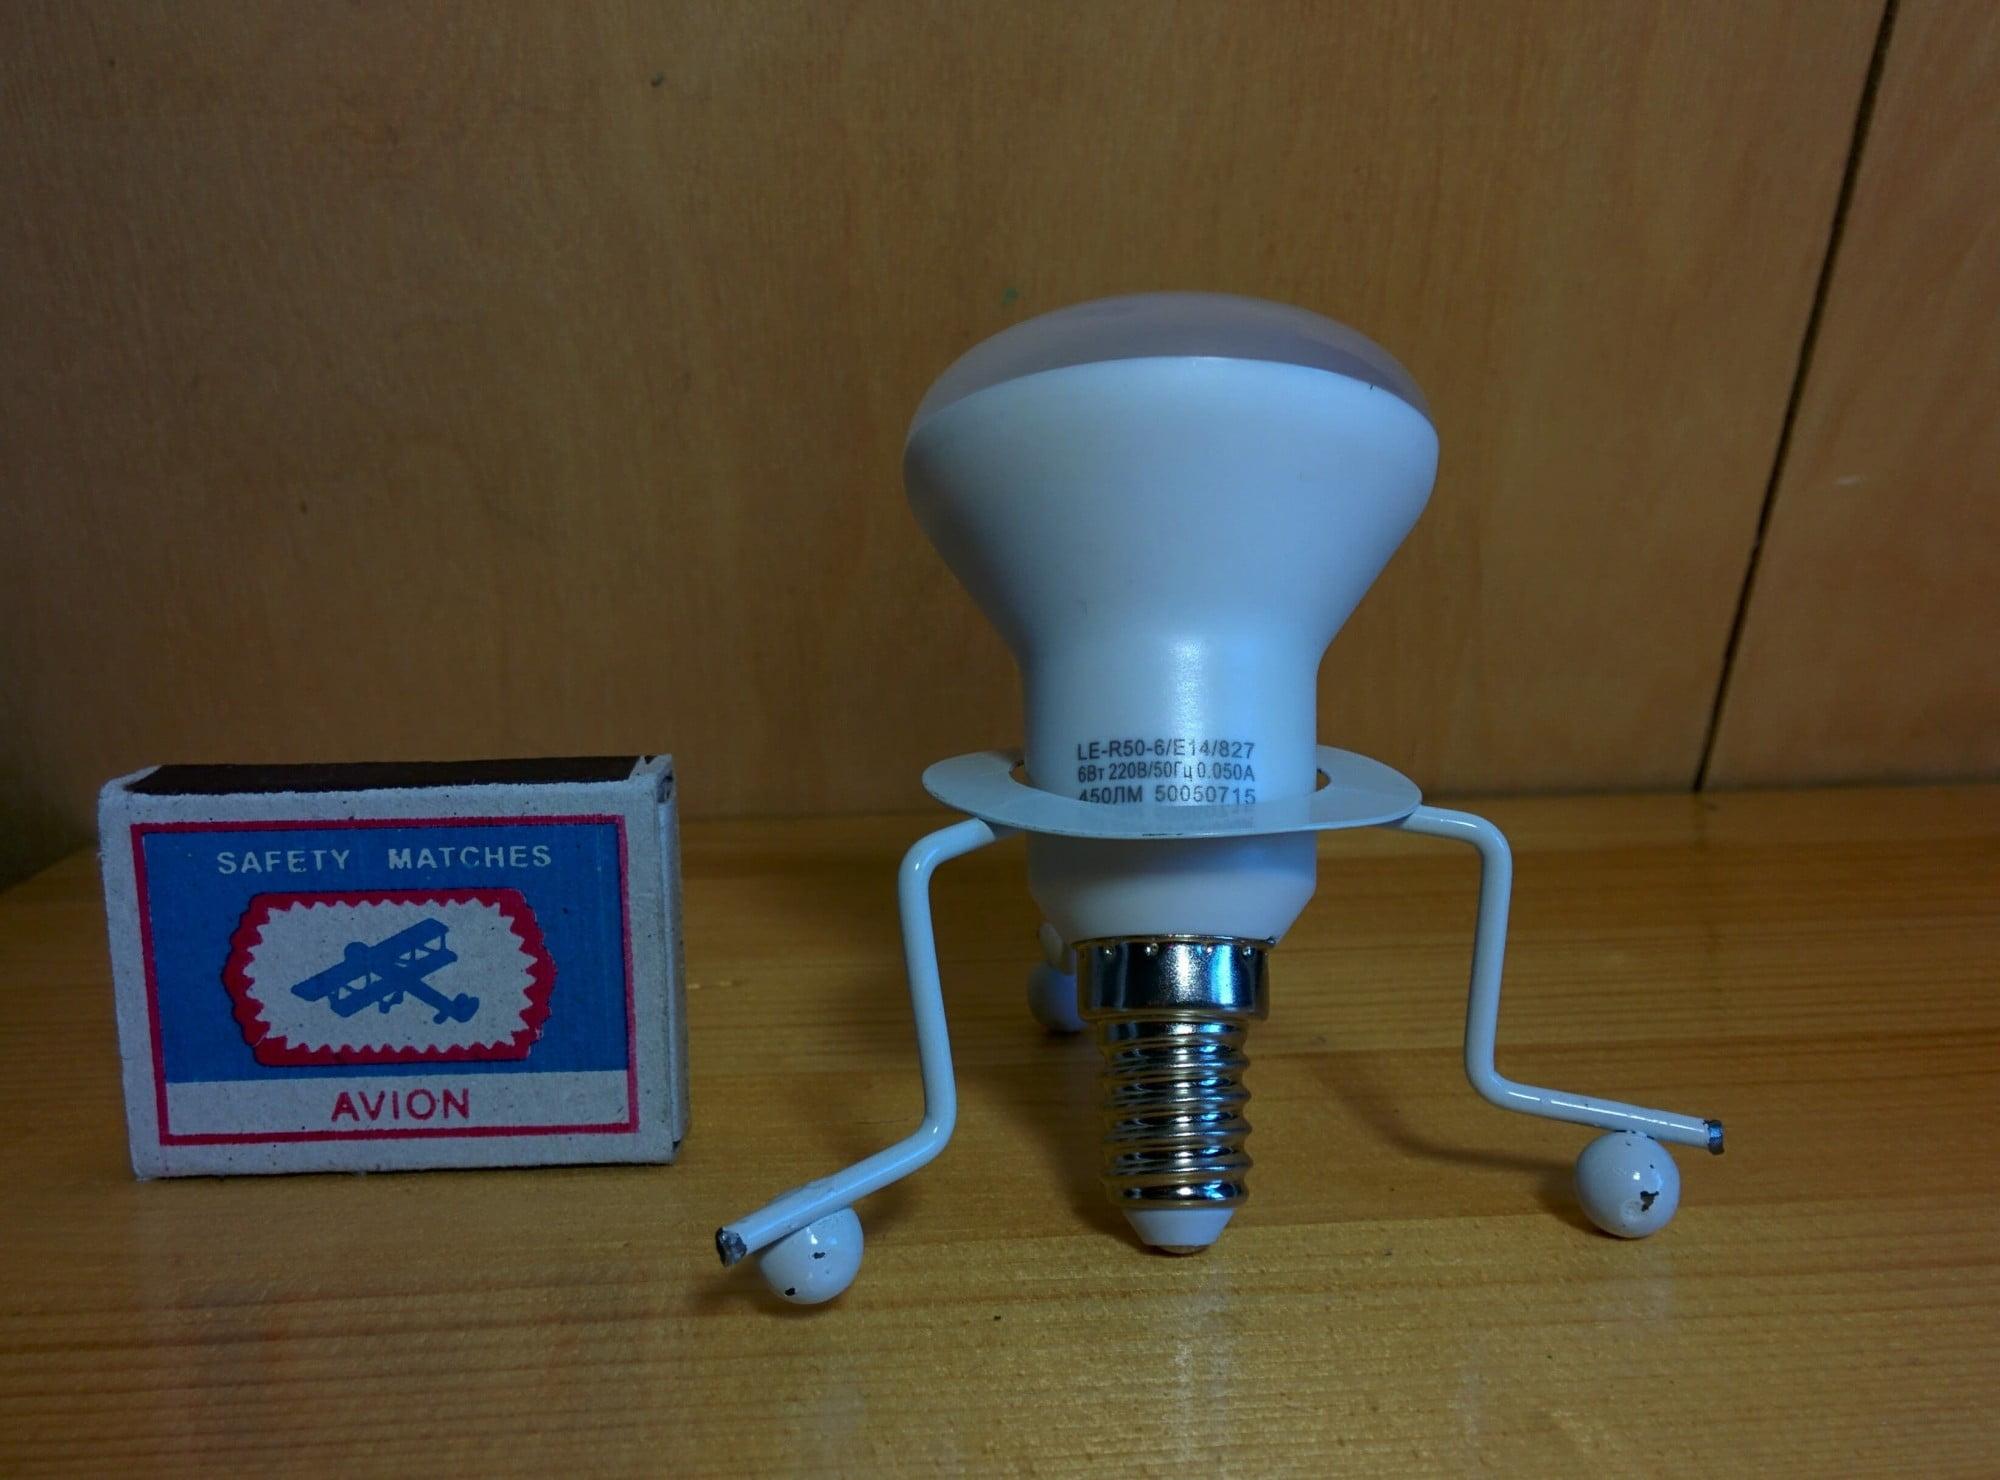 НАНОСВЕТ LE-R50-6/E14/827 лампа